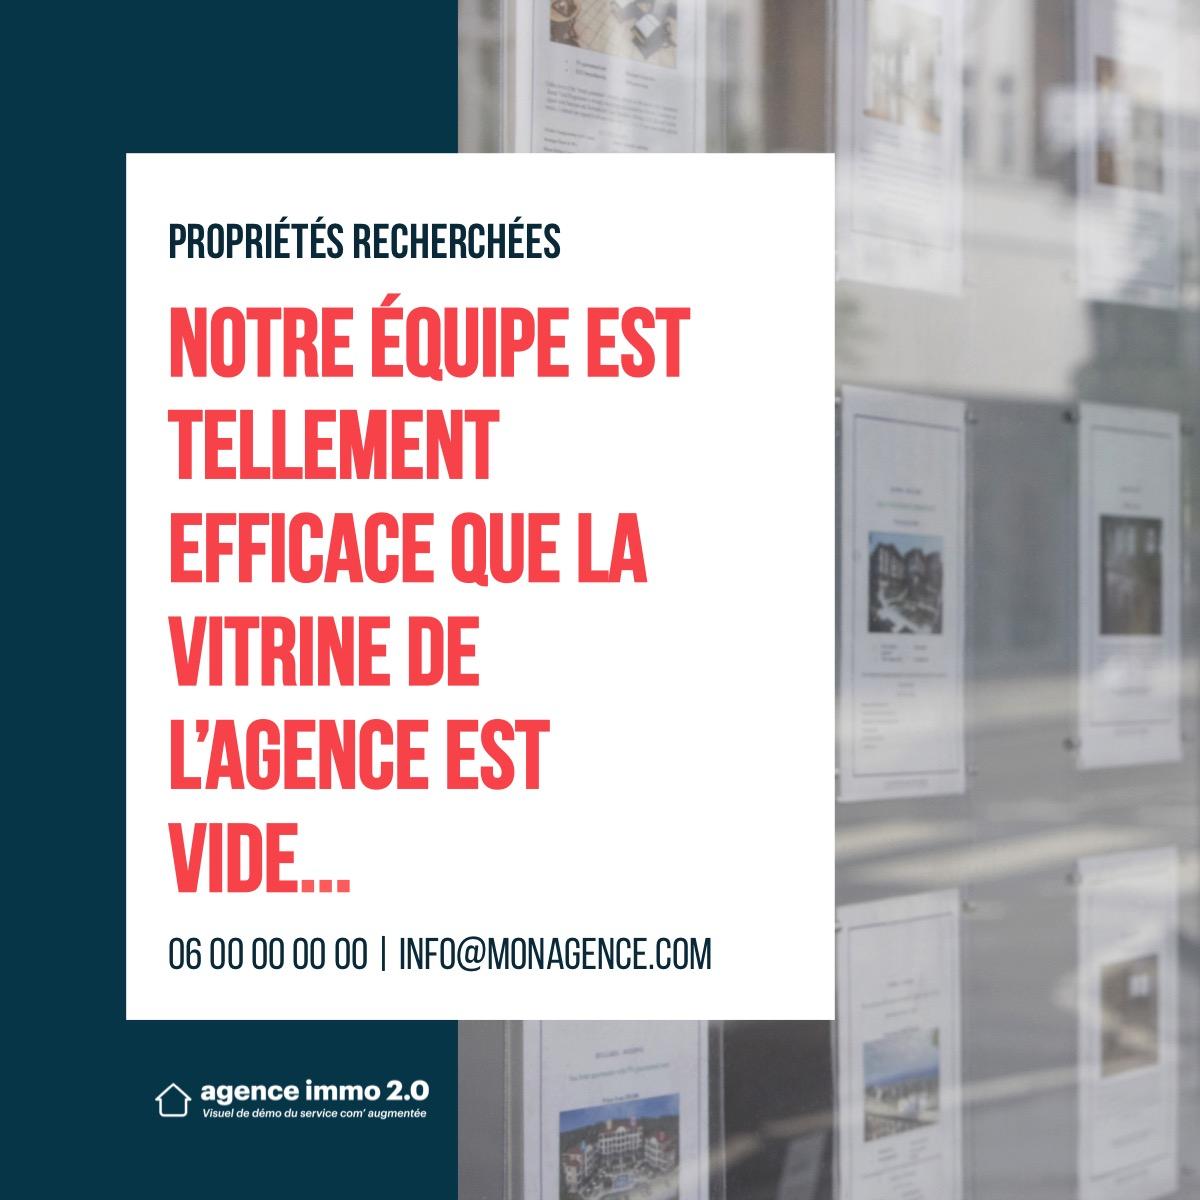 Visuel Réseaux Sociaux Performances De Lagence Immobilier Comaugmentee